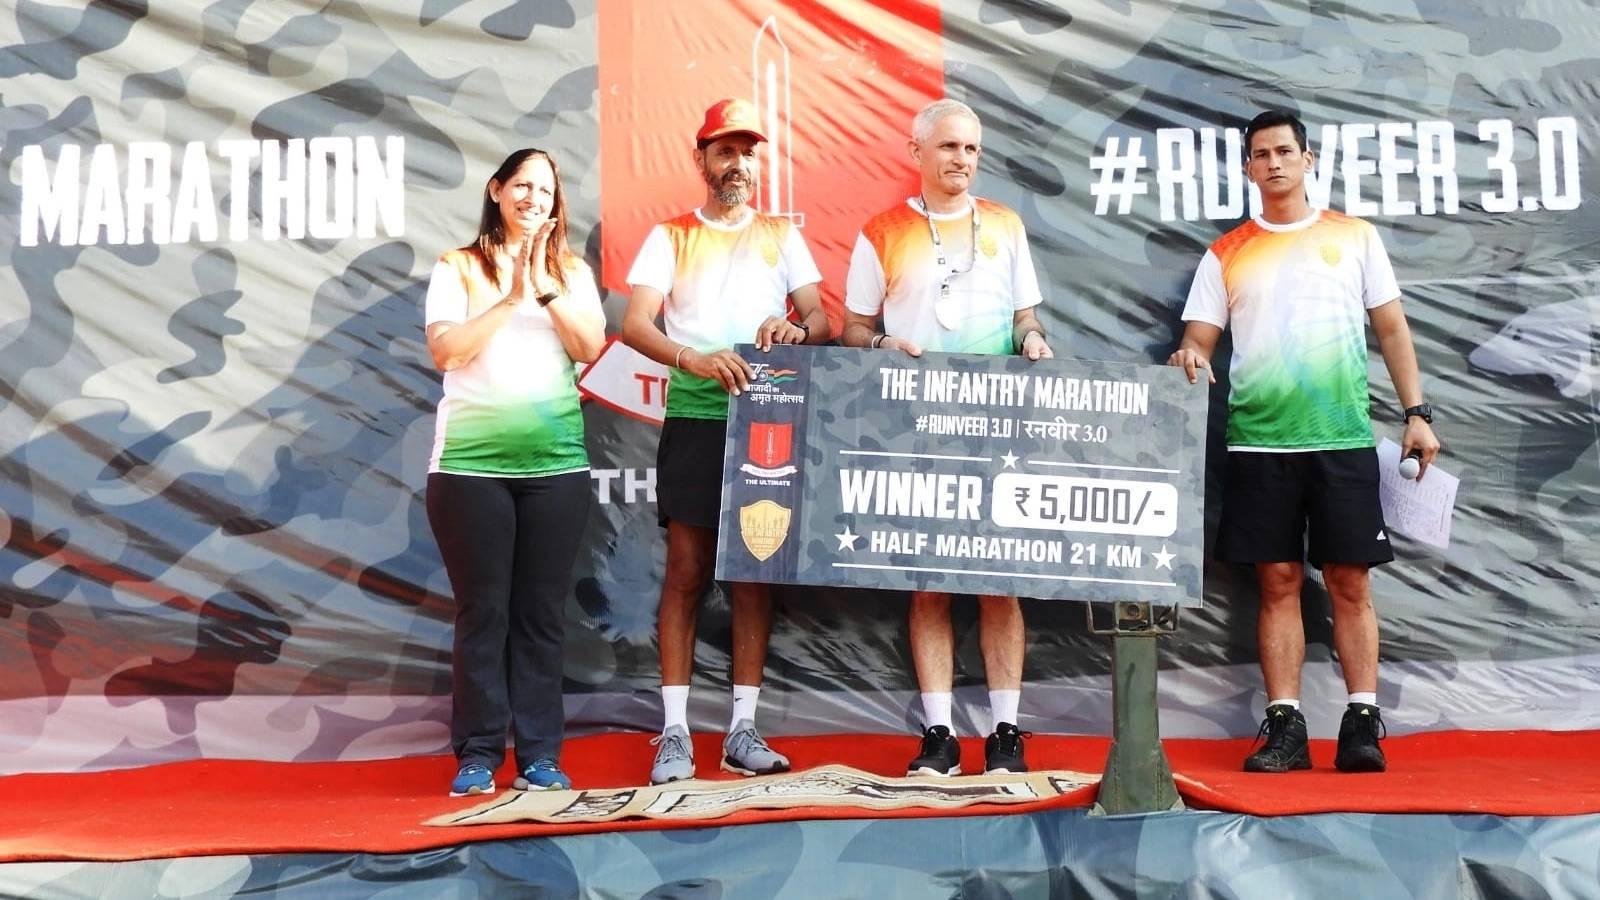 Infantry School hosts RUNVEER 3.0 marathon race